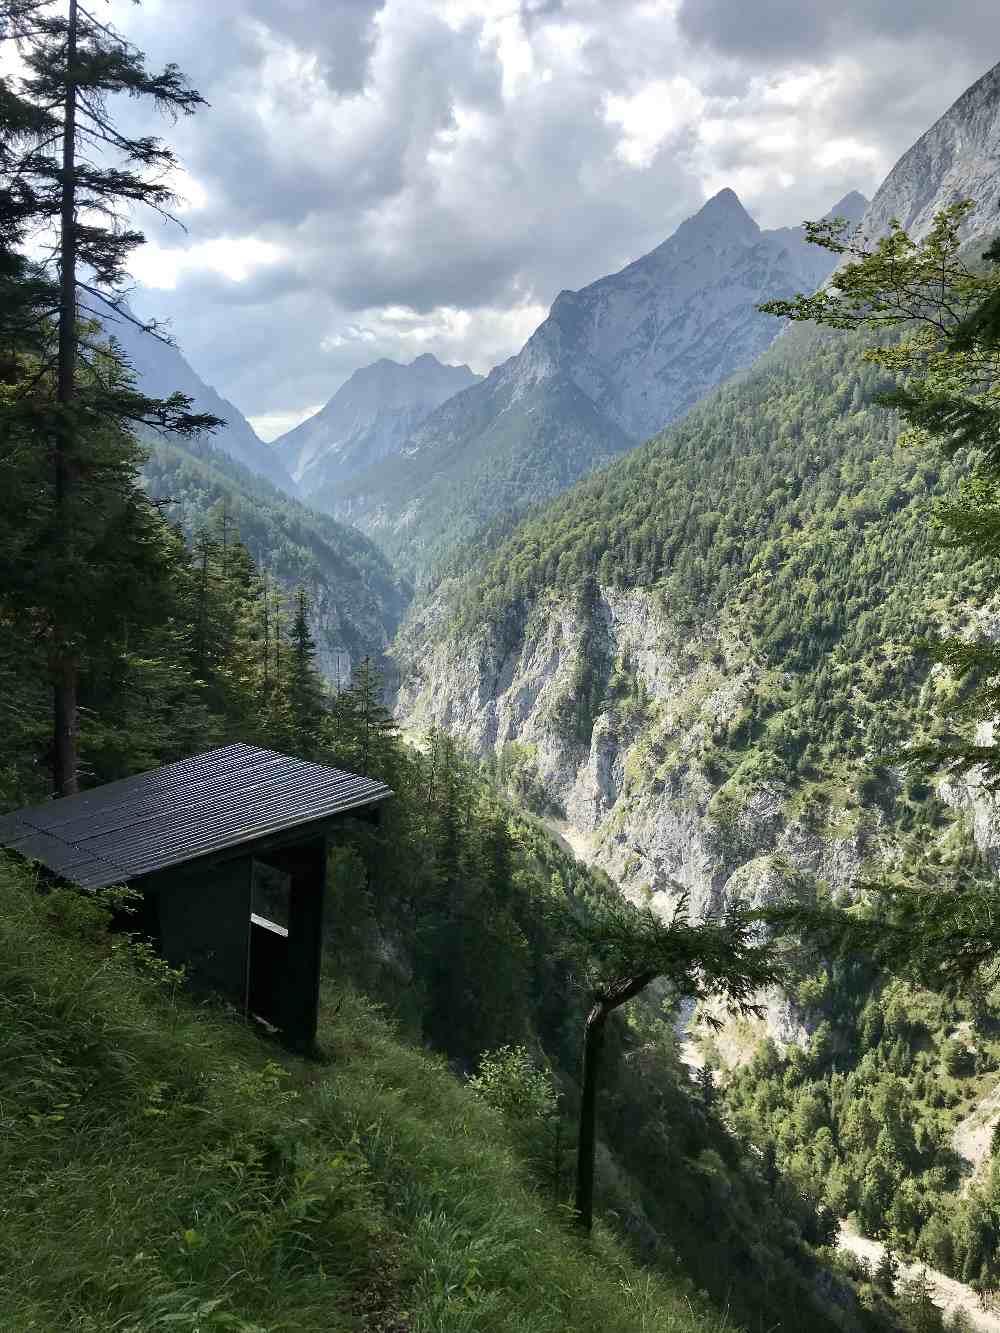 Hier siehst du, wie steil die Felswände des Karwendelgebirge im Vomperloch abfallen